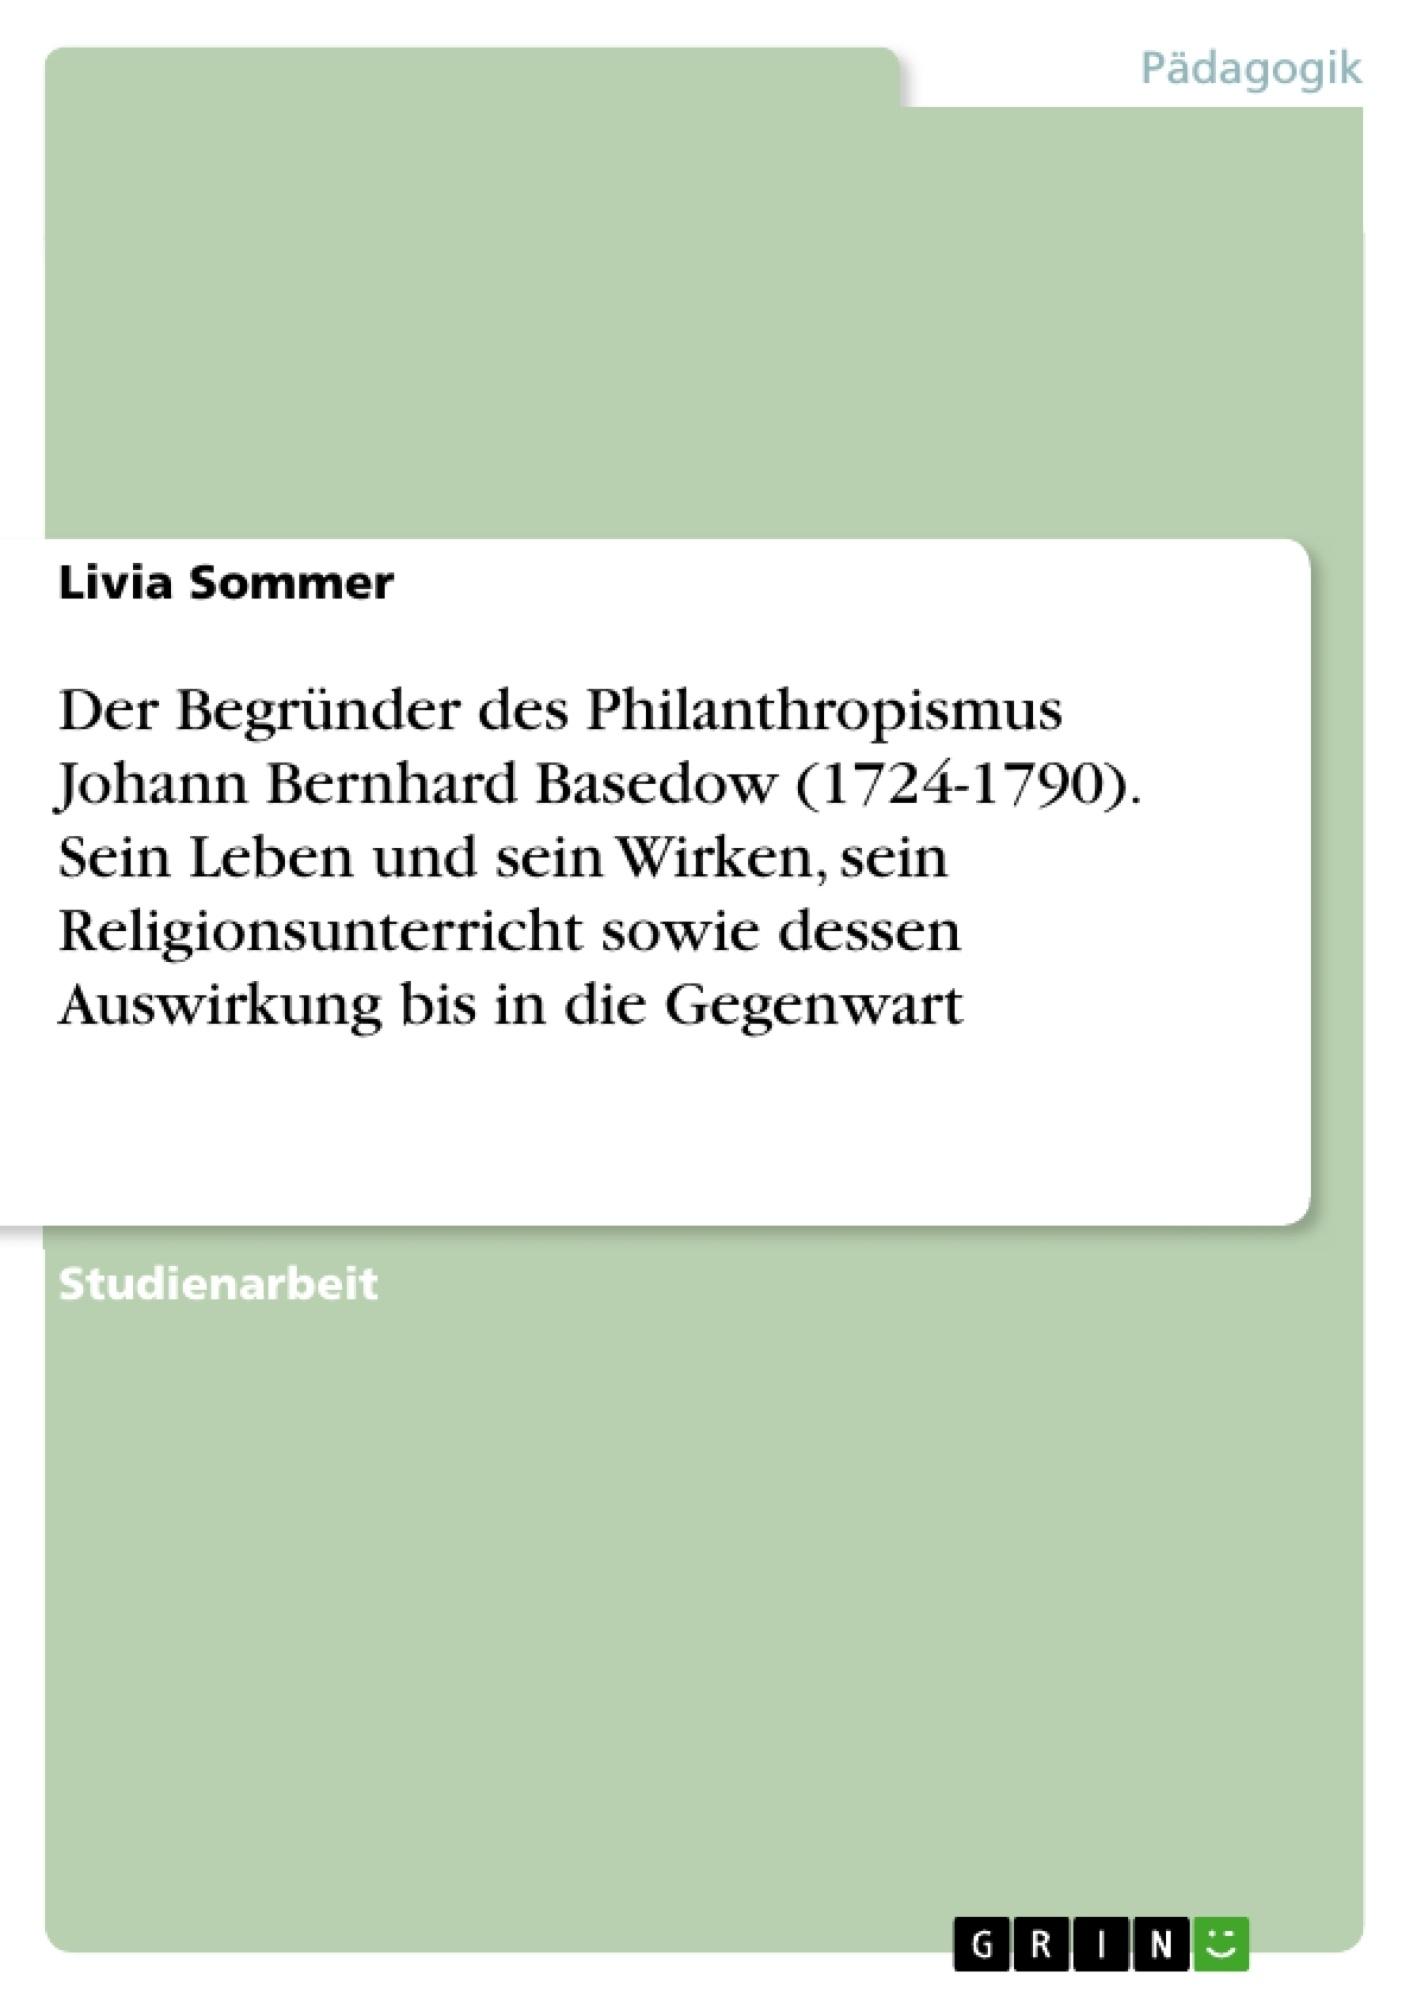 Titel: Der Begründer des Philanthropismus Johann Bernhard Basedow (1724-1790). Sein Leben und sein Wirken, sein Religionsunterricht sowie dessen Auswirkung bis in die Gegenwart